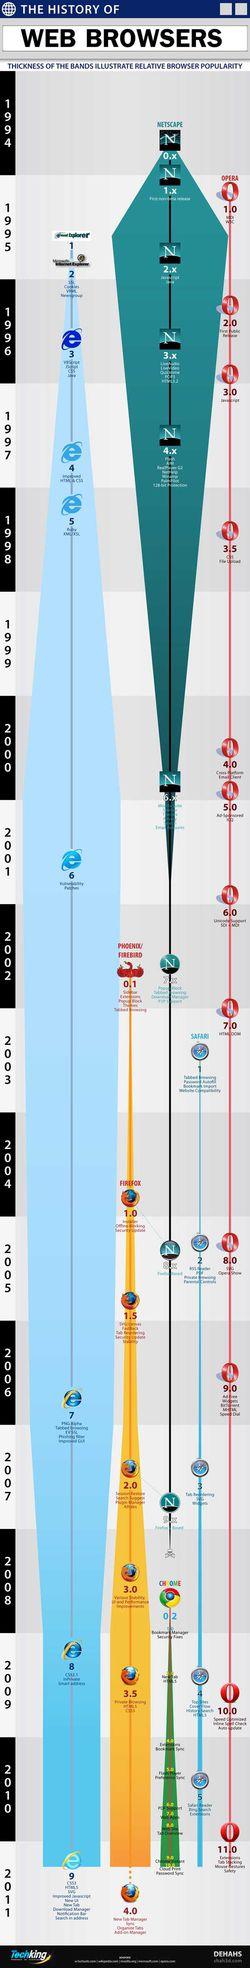 part-marche-navigateur-web